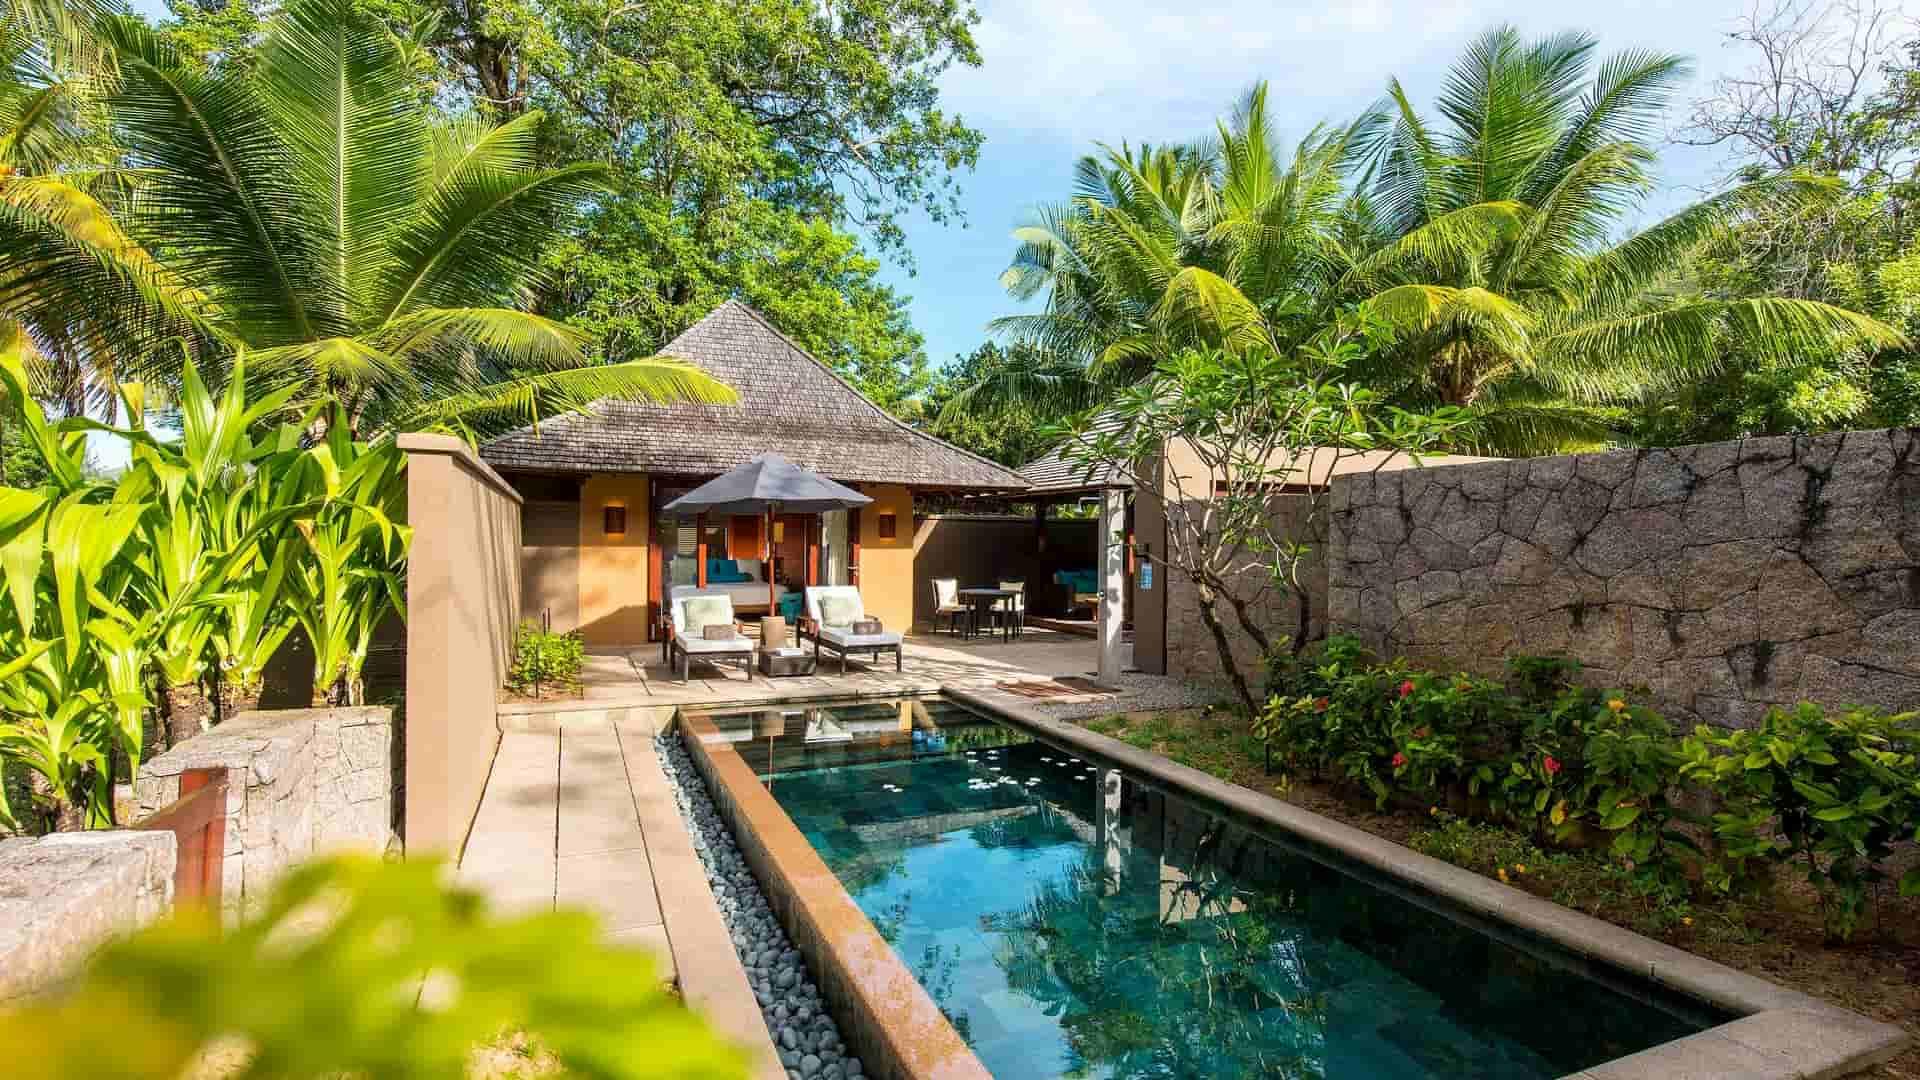 Costance Ephelia beach villa - Viaggio di Nozze alle Seychelles